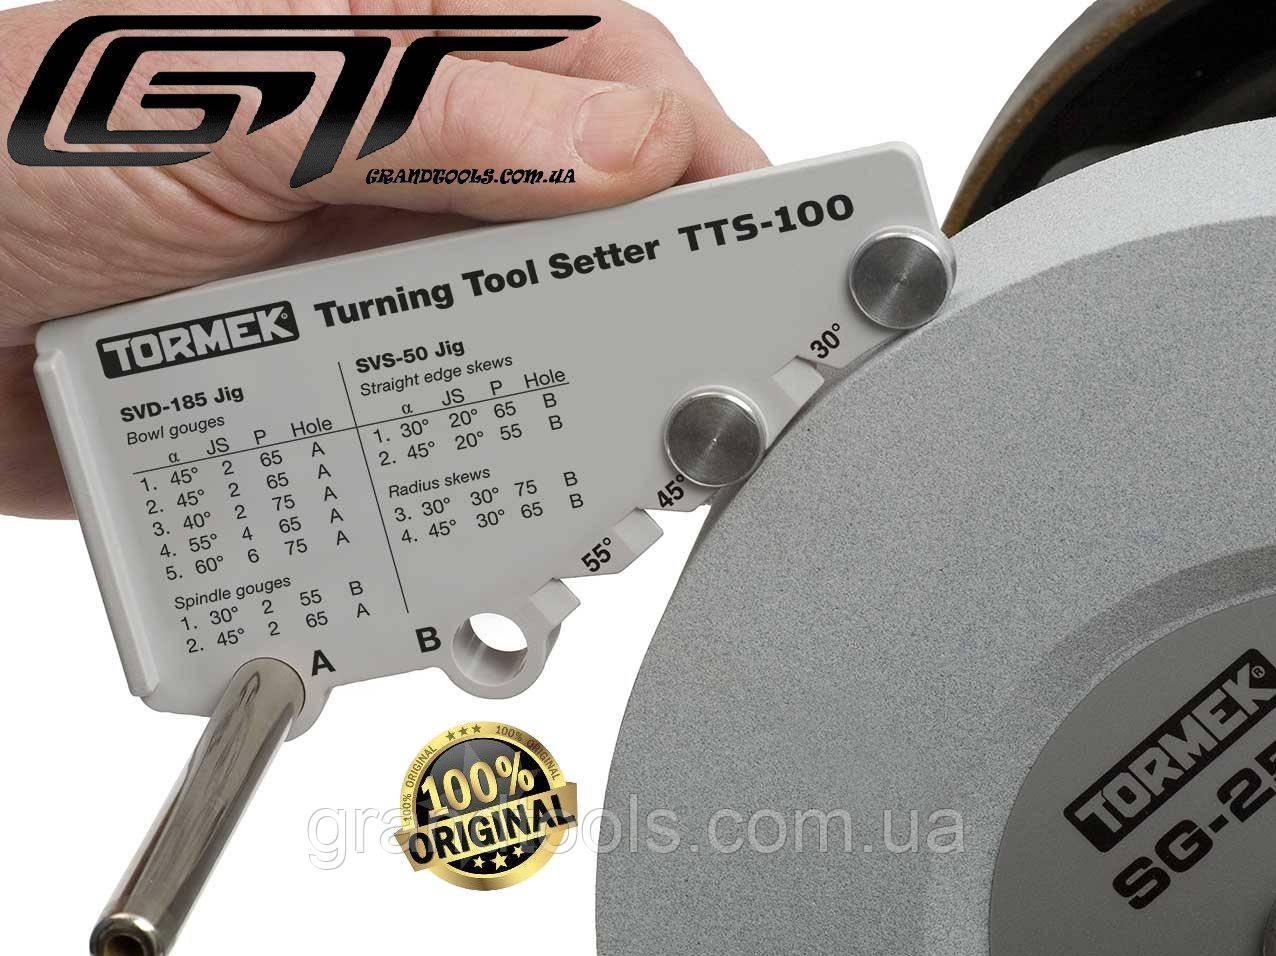 Прилад для настроювання TORMEK TTS-100